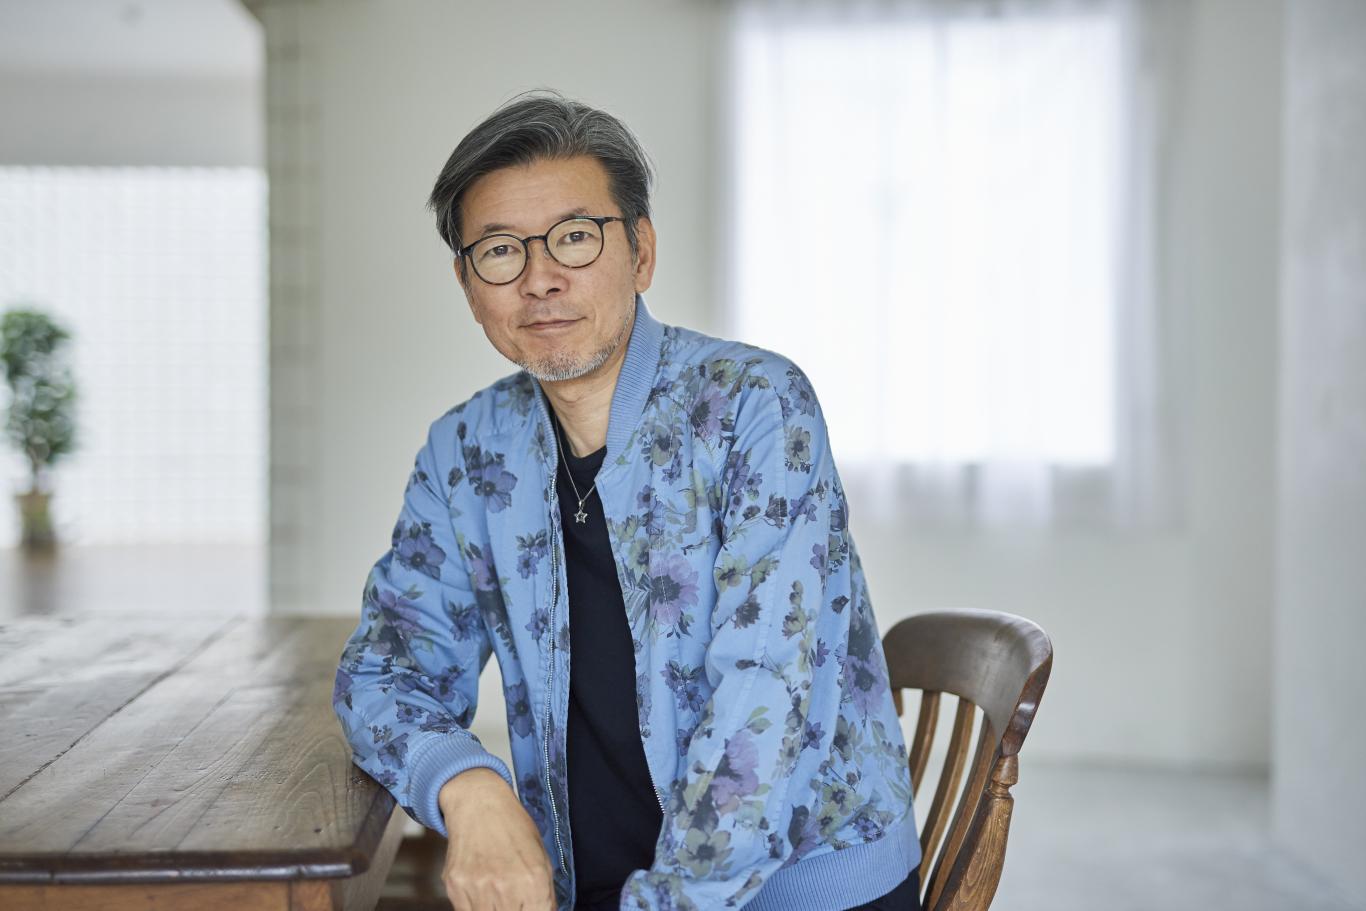 『水曜どうでしょう』が与えてくれたもの。60歳、嬉野雅道の人生を導いた4人の絆